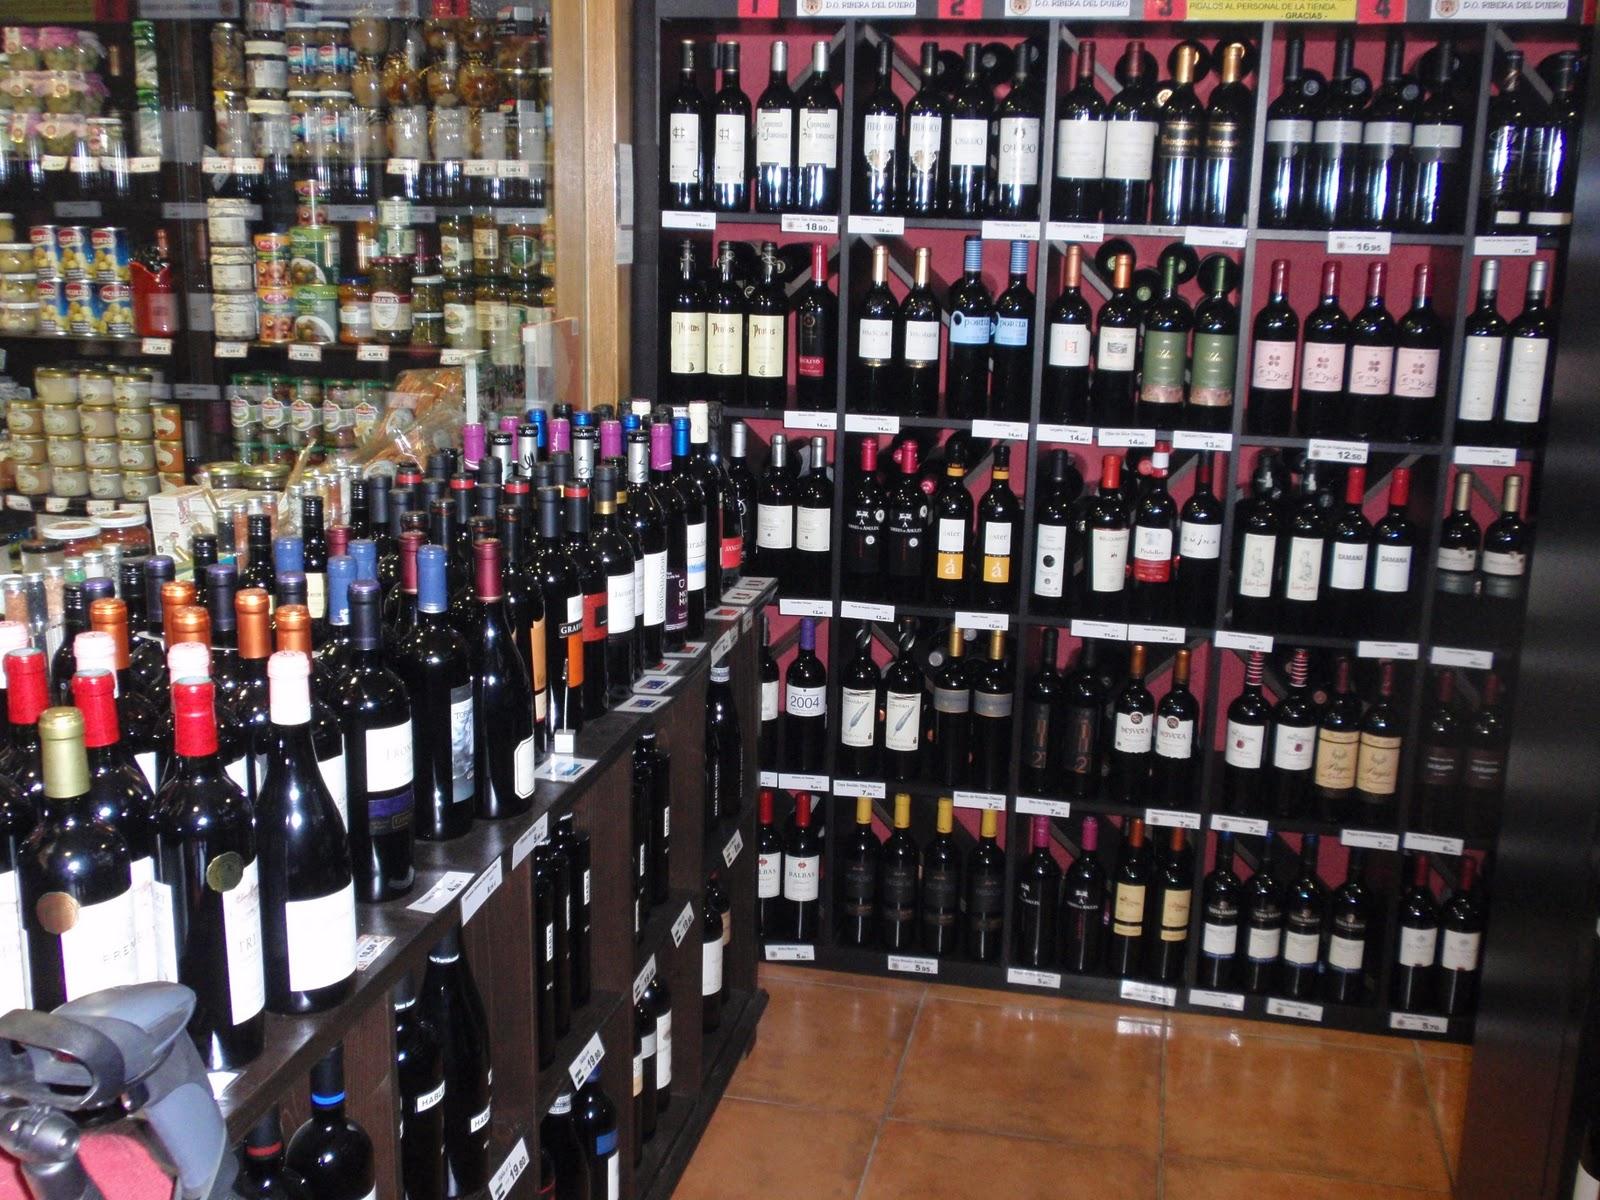 Vinos aceites y otros ricos productos de alimentaci n - Montar una vinoteca ...